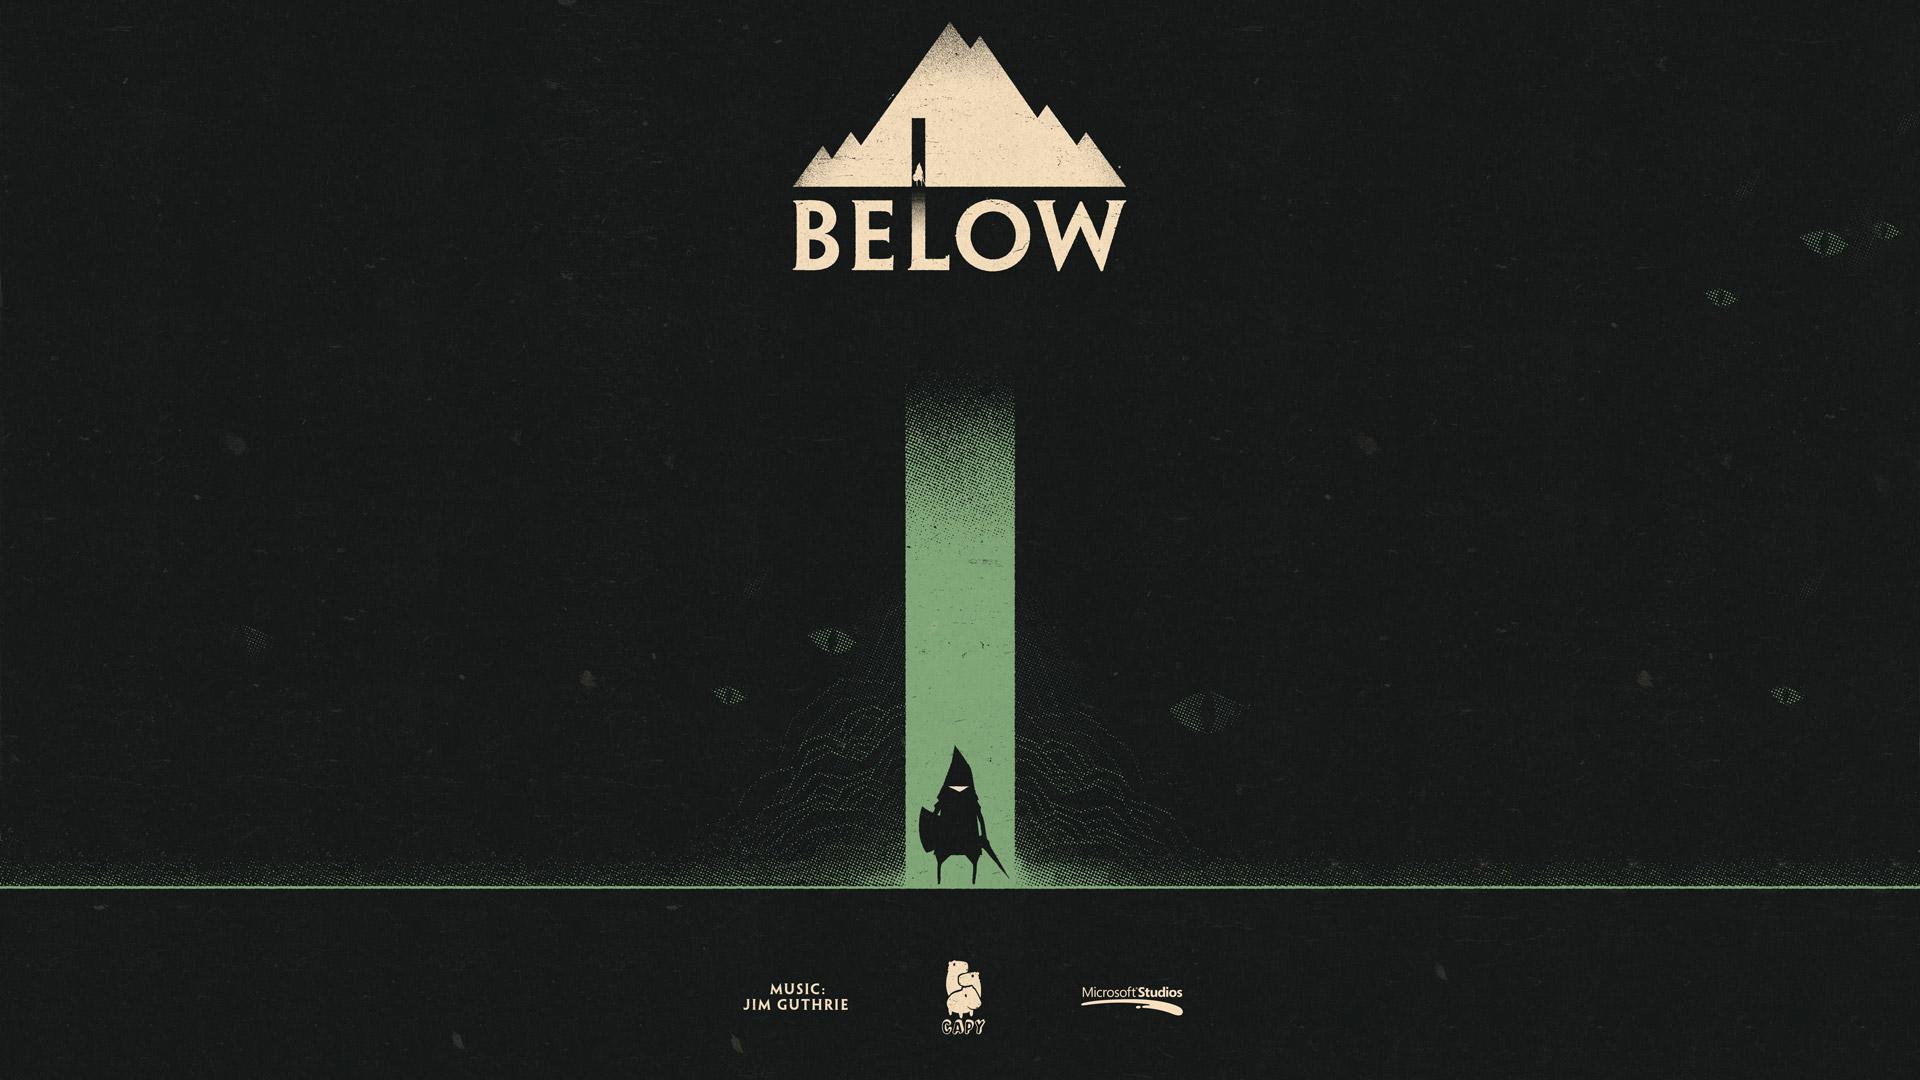 Below wallpaper 1